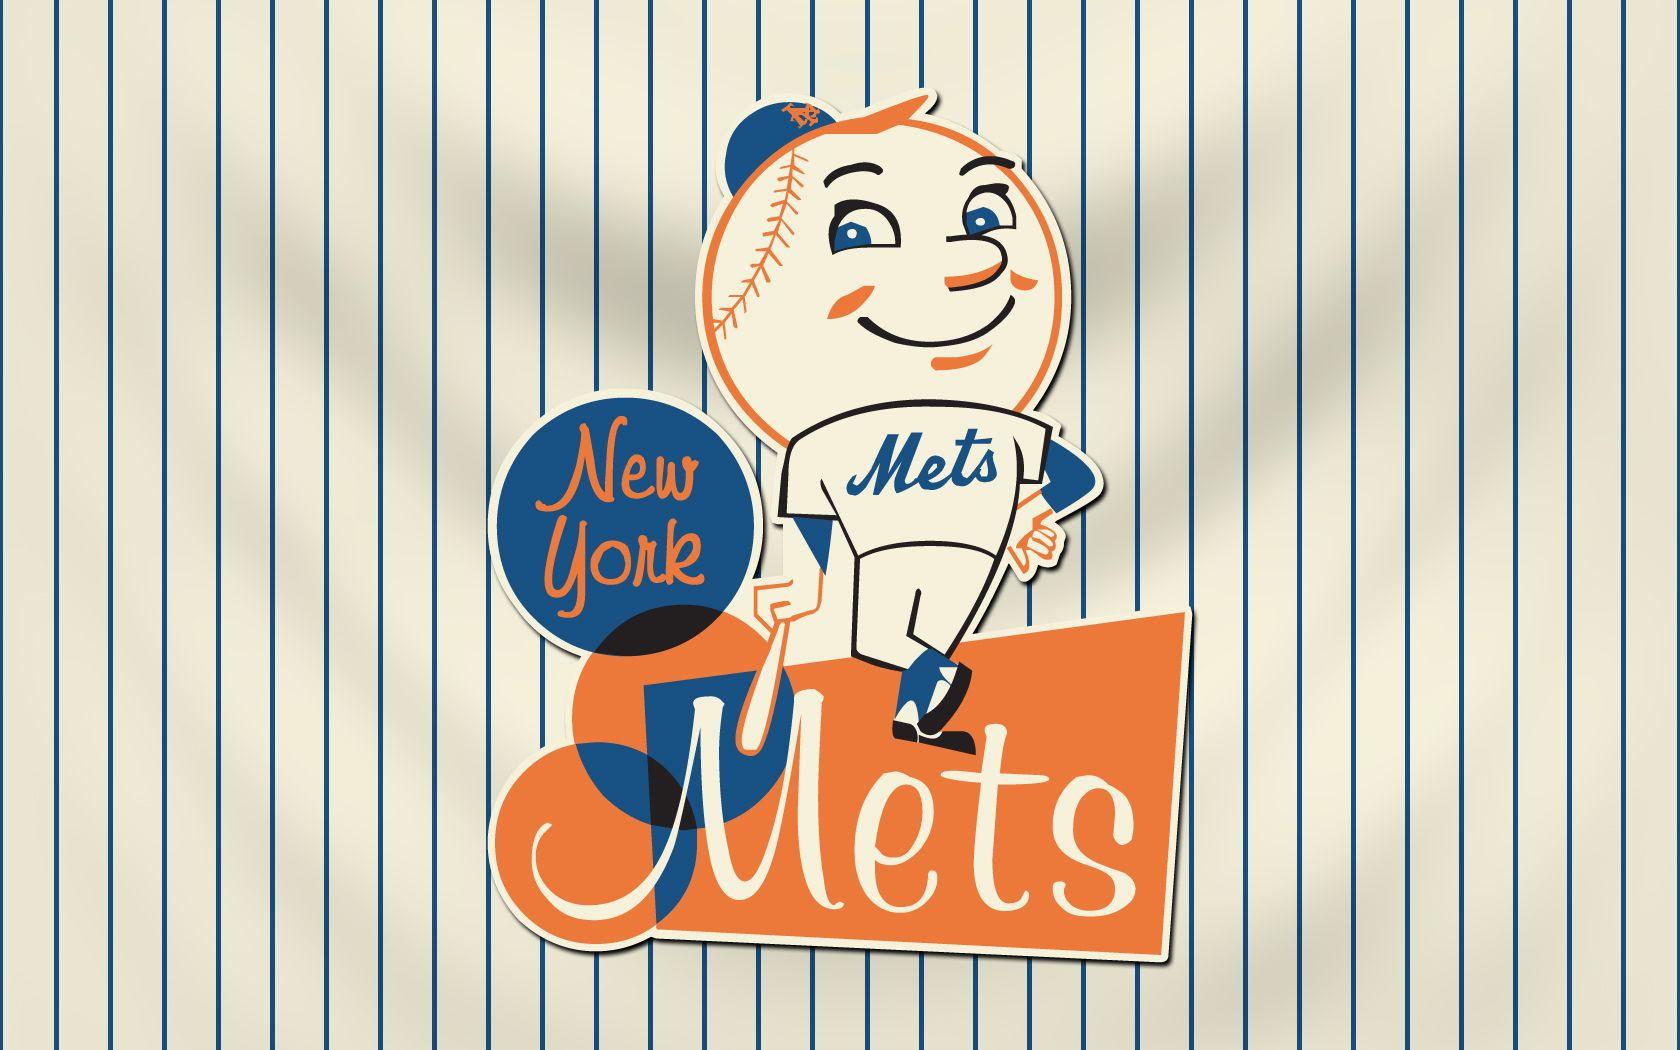 New York Mets Wallpaper: Mets Retro By ~monkeybiziu On DeviantART